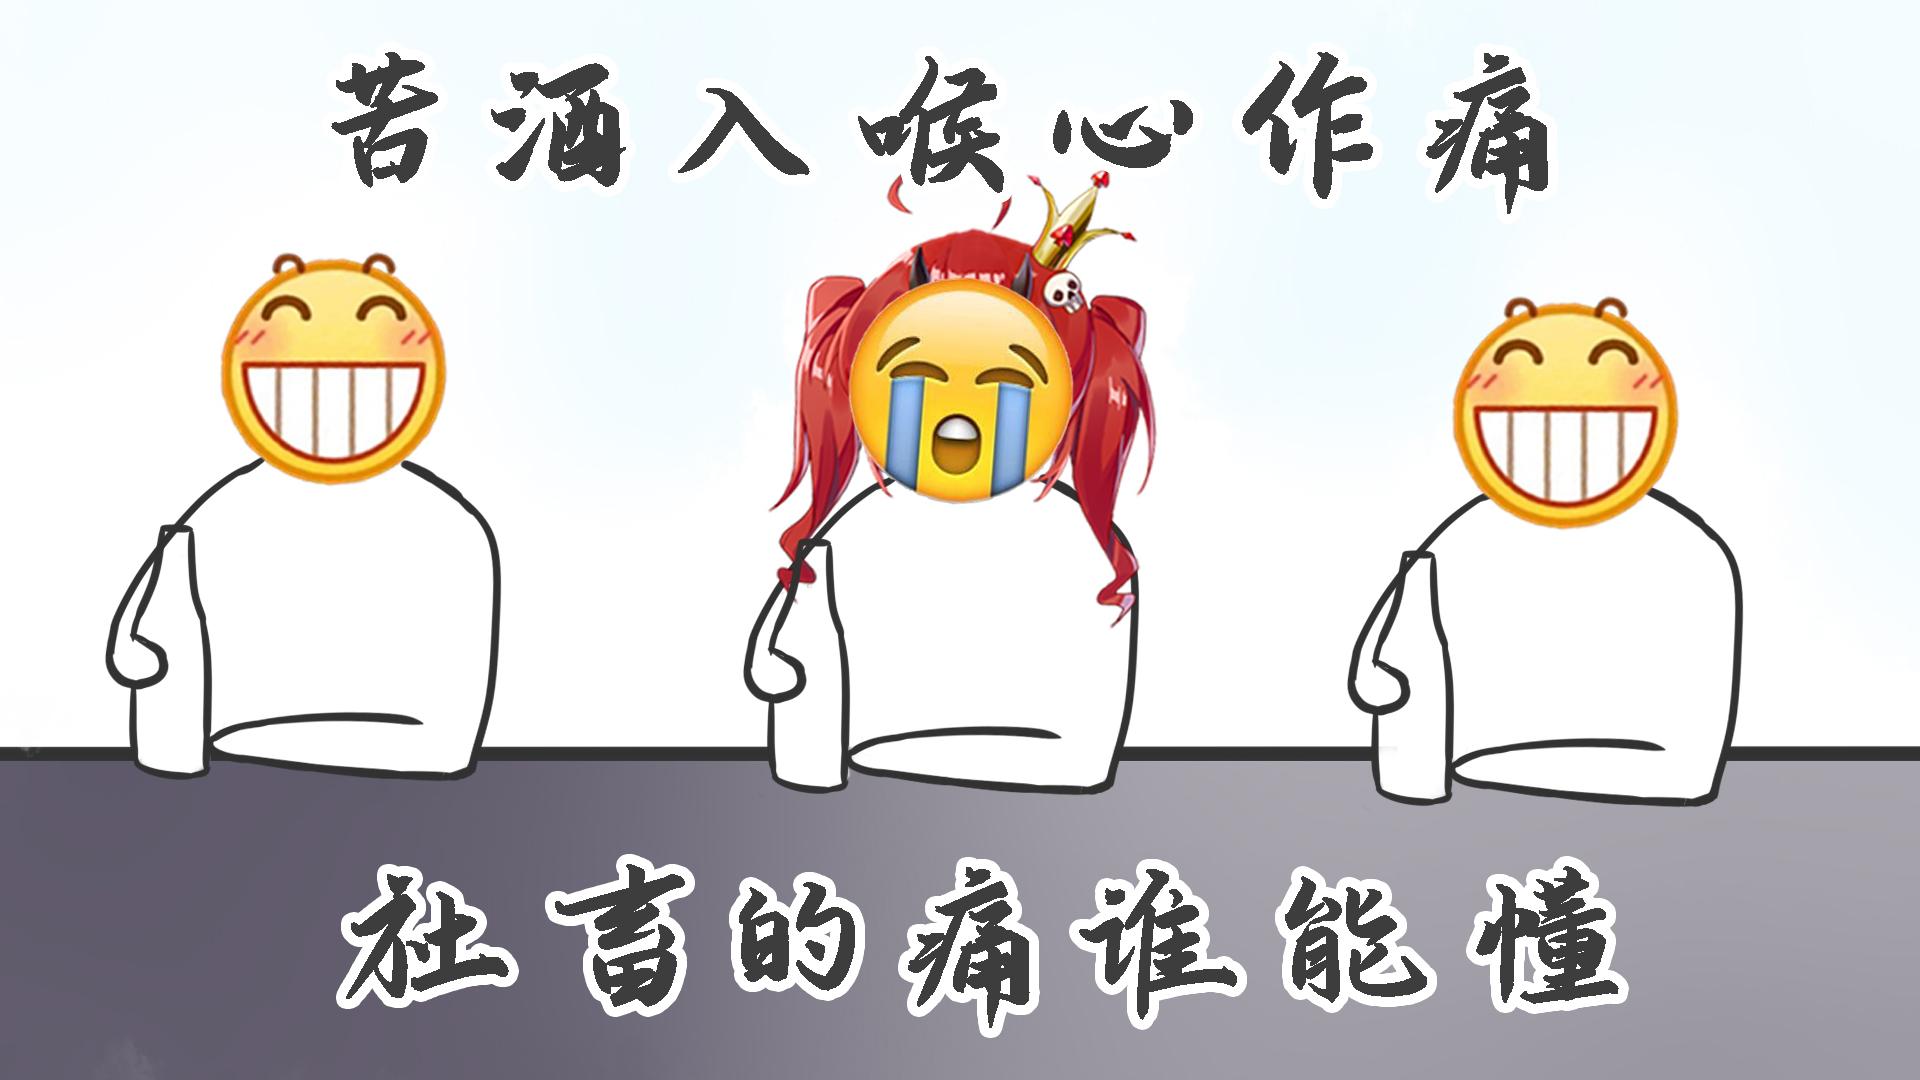 【梦想演唱会】小社畜(小酩酊自填词)原创爪绘PV付【桃夜朔】